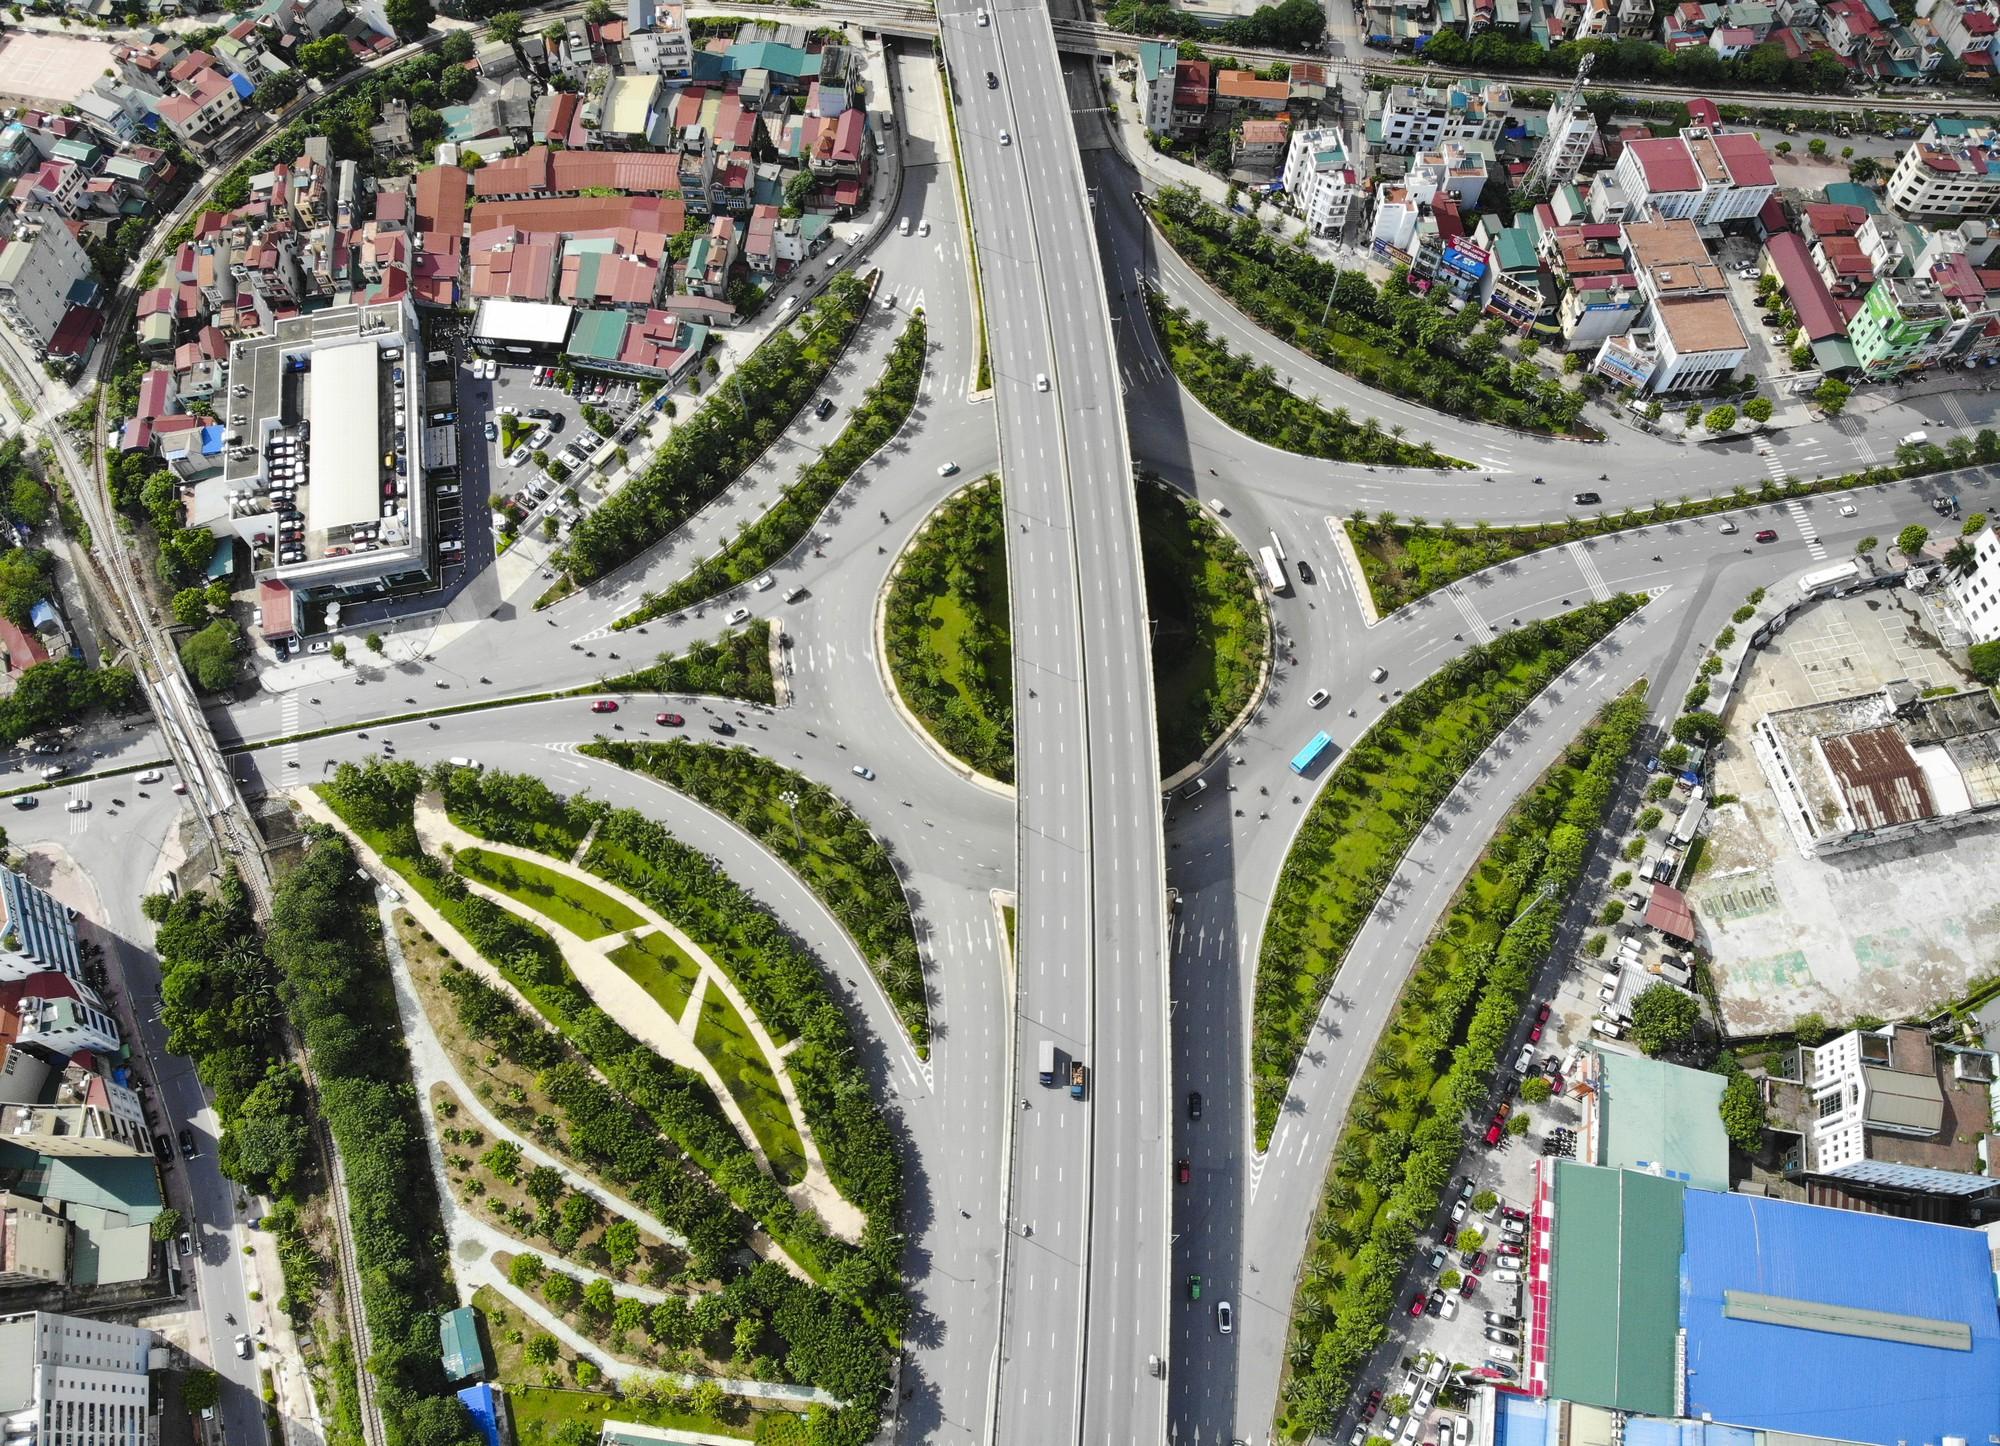 Những giao lộ khổng lồ thay đổi diện mạo cửa ngõ Thủ đô - Ảnh 6.